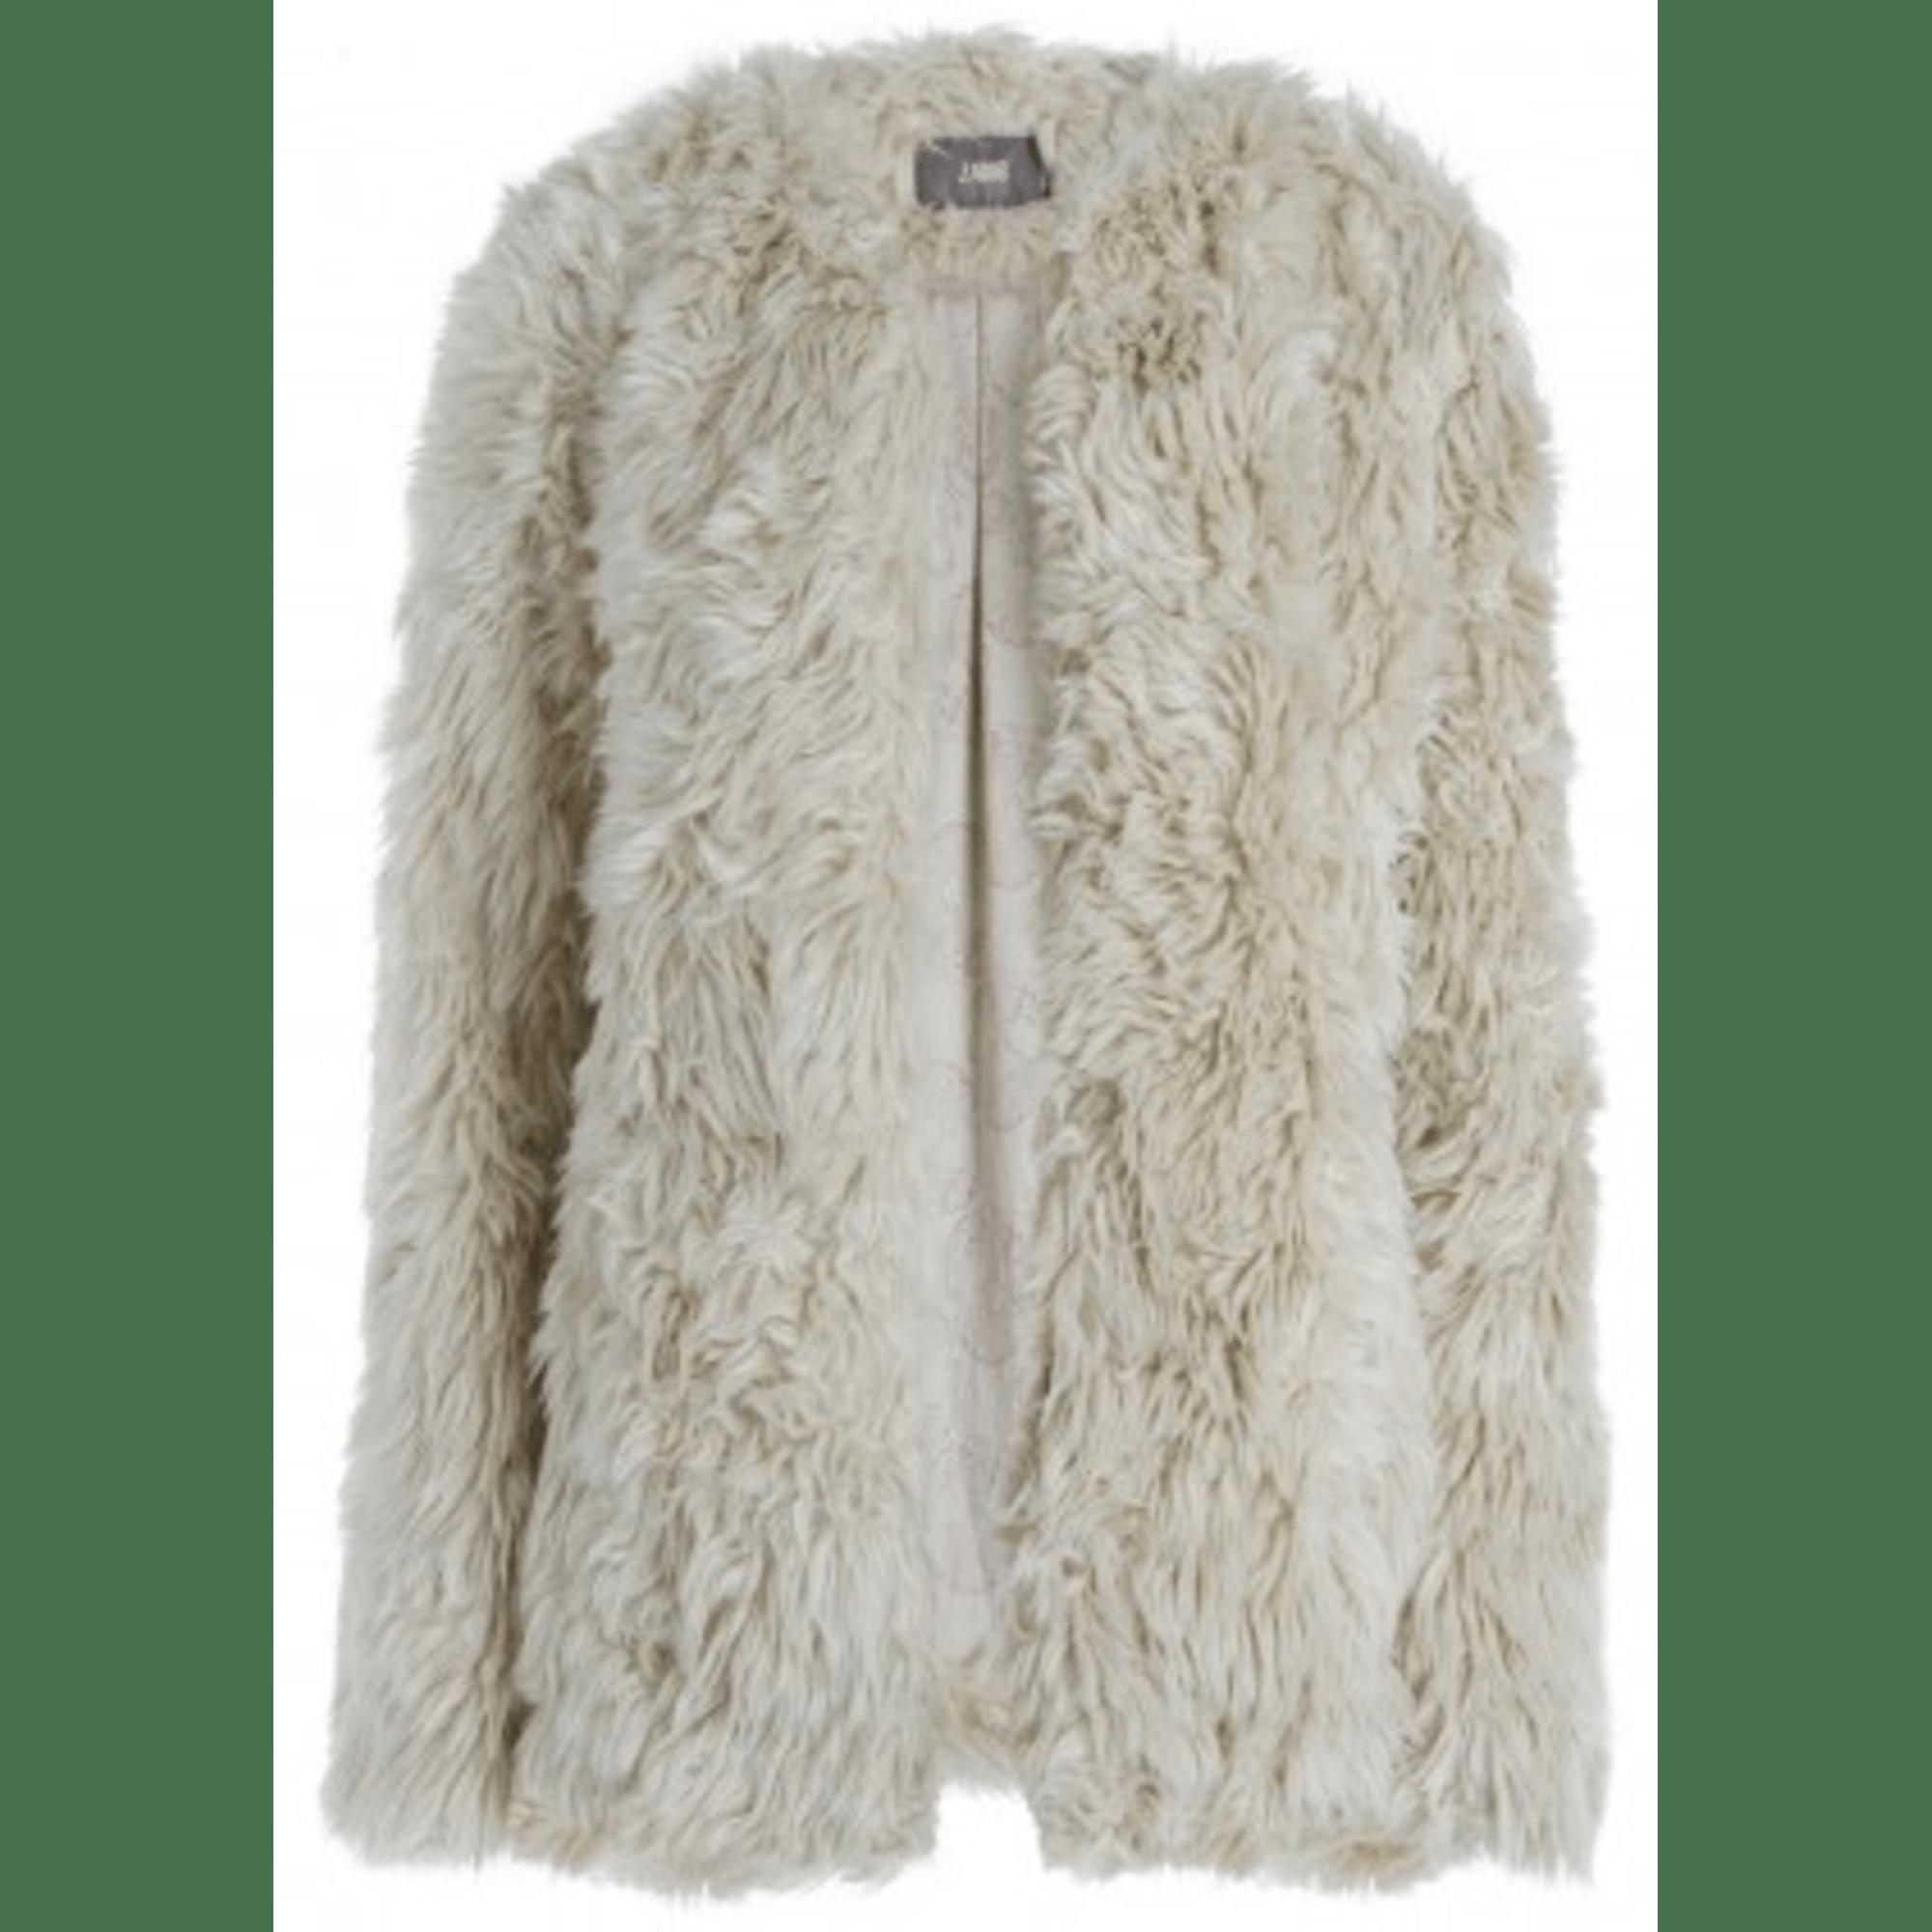 Manteau en fourrure ZADIG & VOLTAIRE 36 (S, T1) blanc vendu